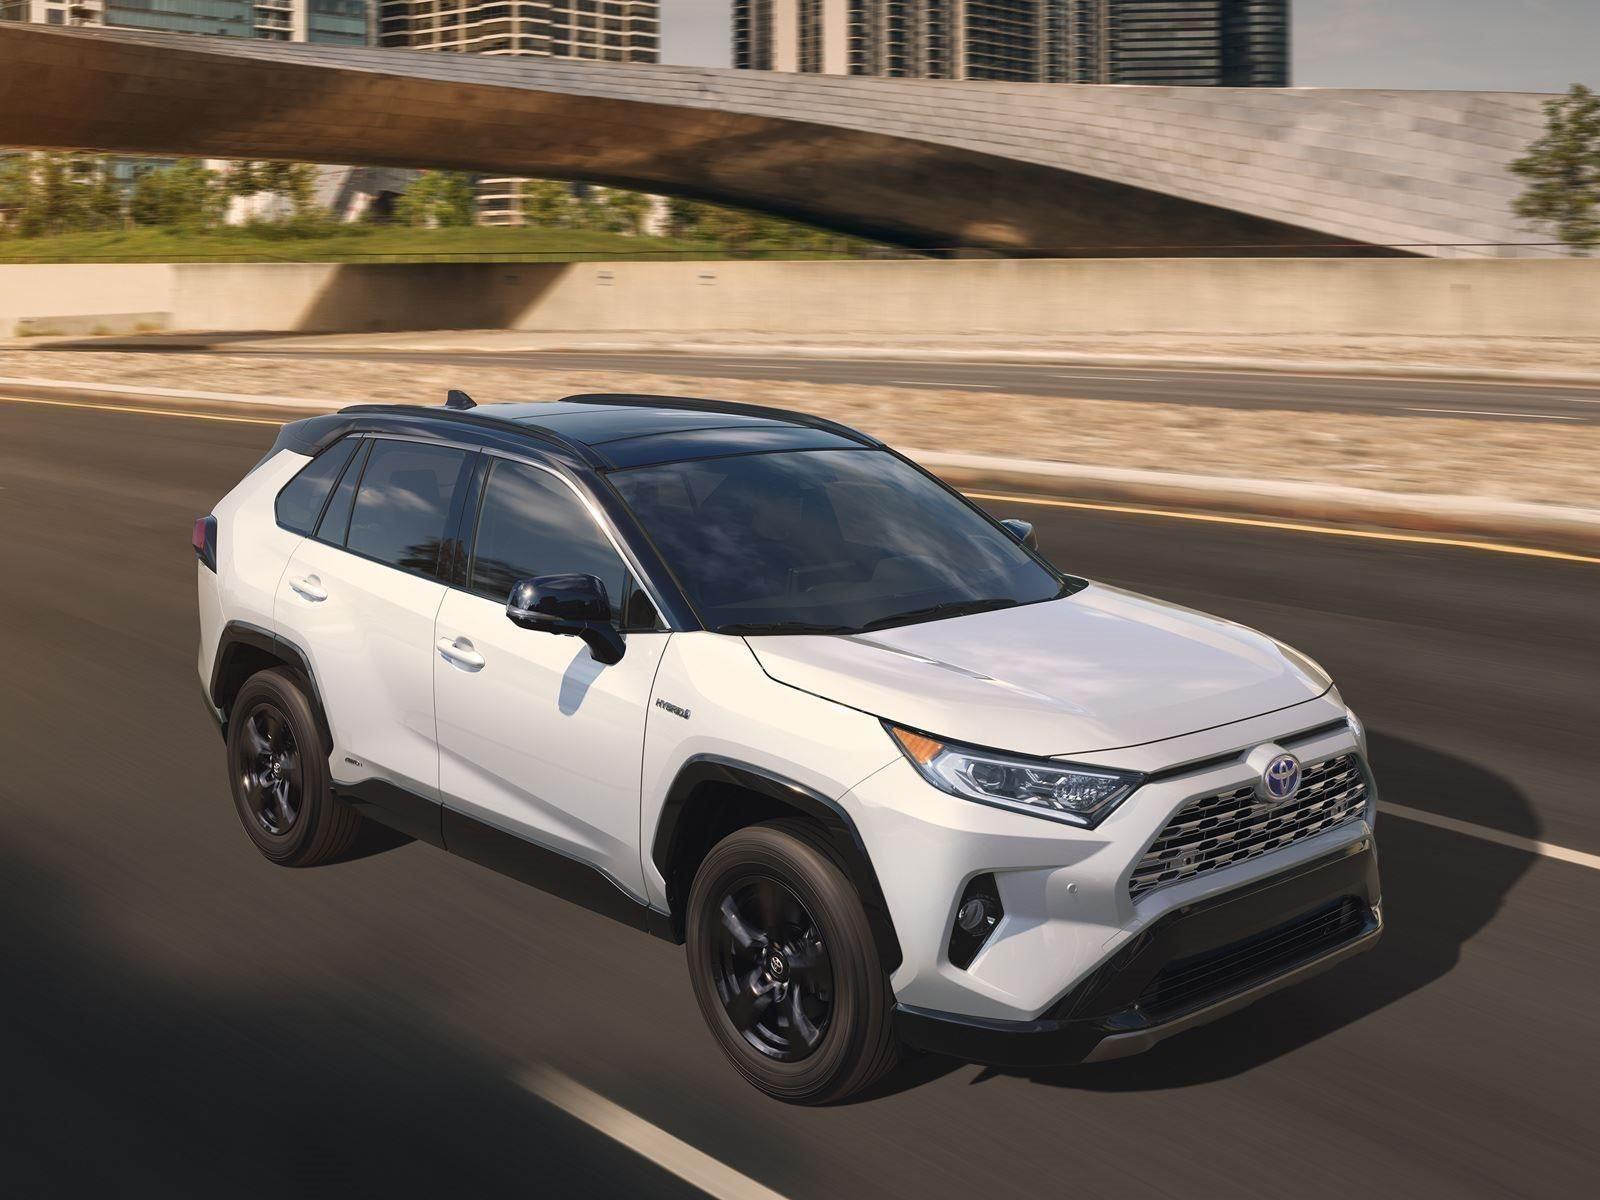 Некоторые, такие как Hyundai, дошли до производства. Но Toyota, кажется, бесперспективна. Выступая на Международном автосалоне в Нью-Йорке 2018, вице-президент и генеральный менеджер Toyota North America Джек Холлис заявил, что на самом деле, чтобы о